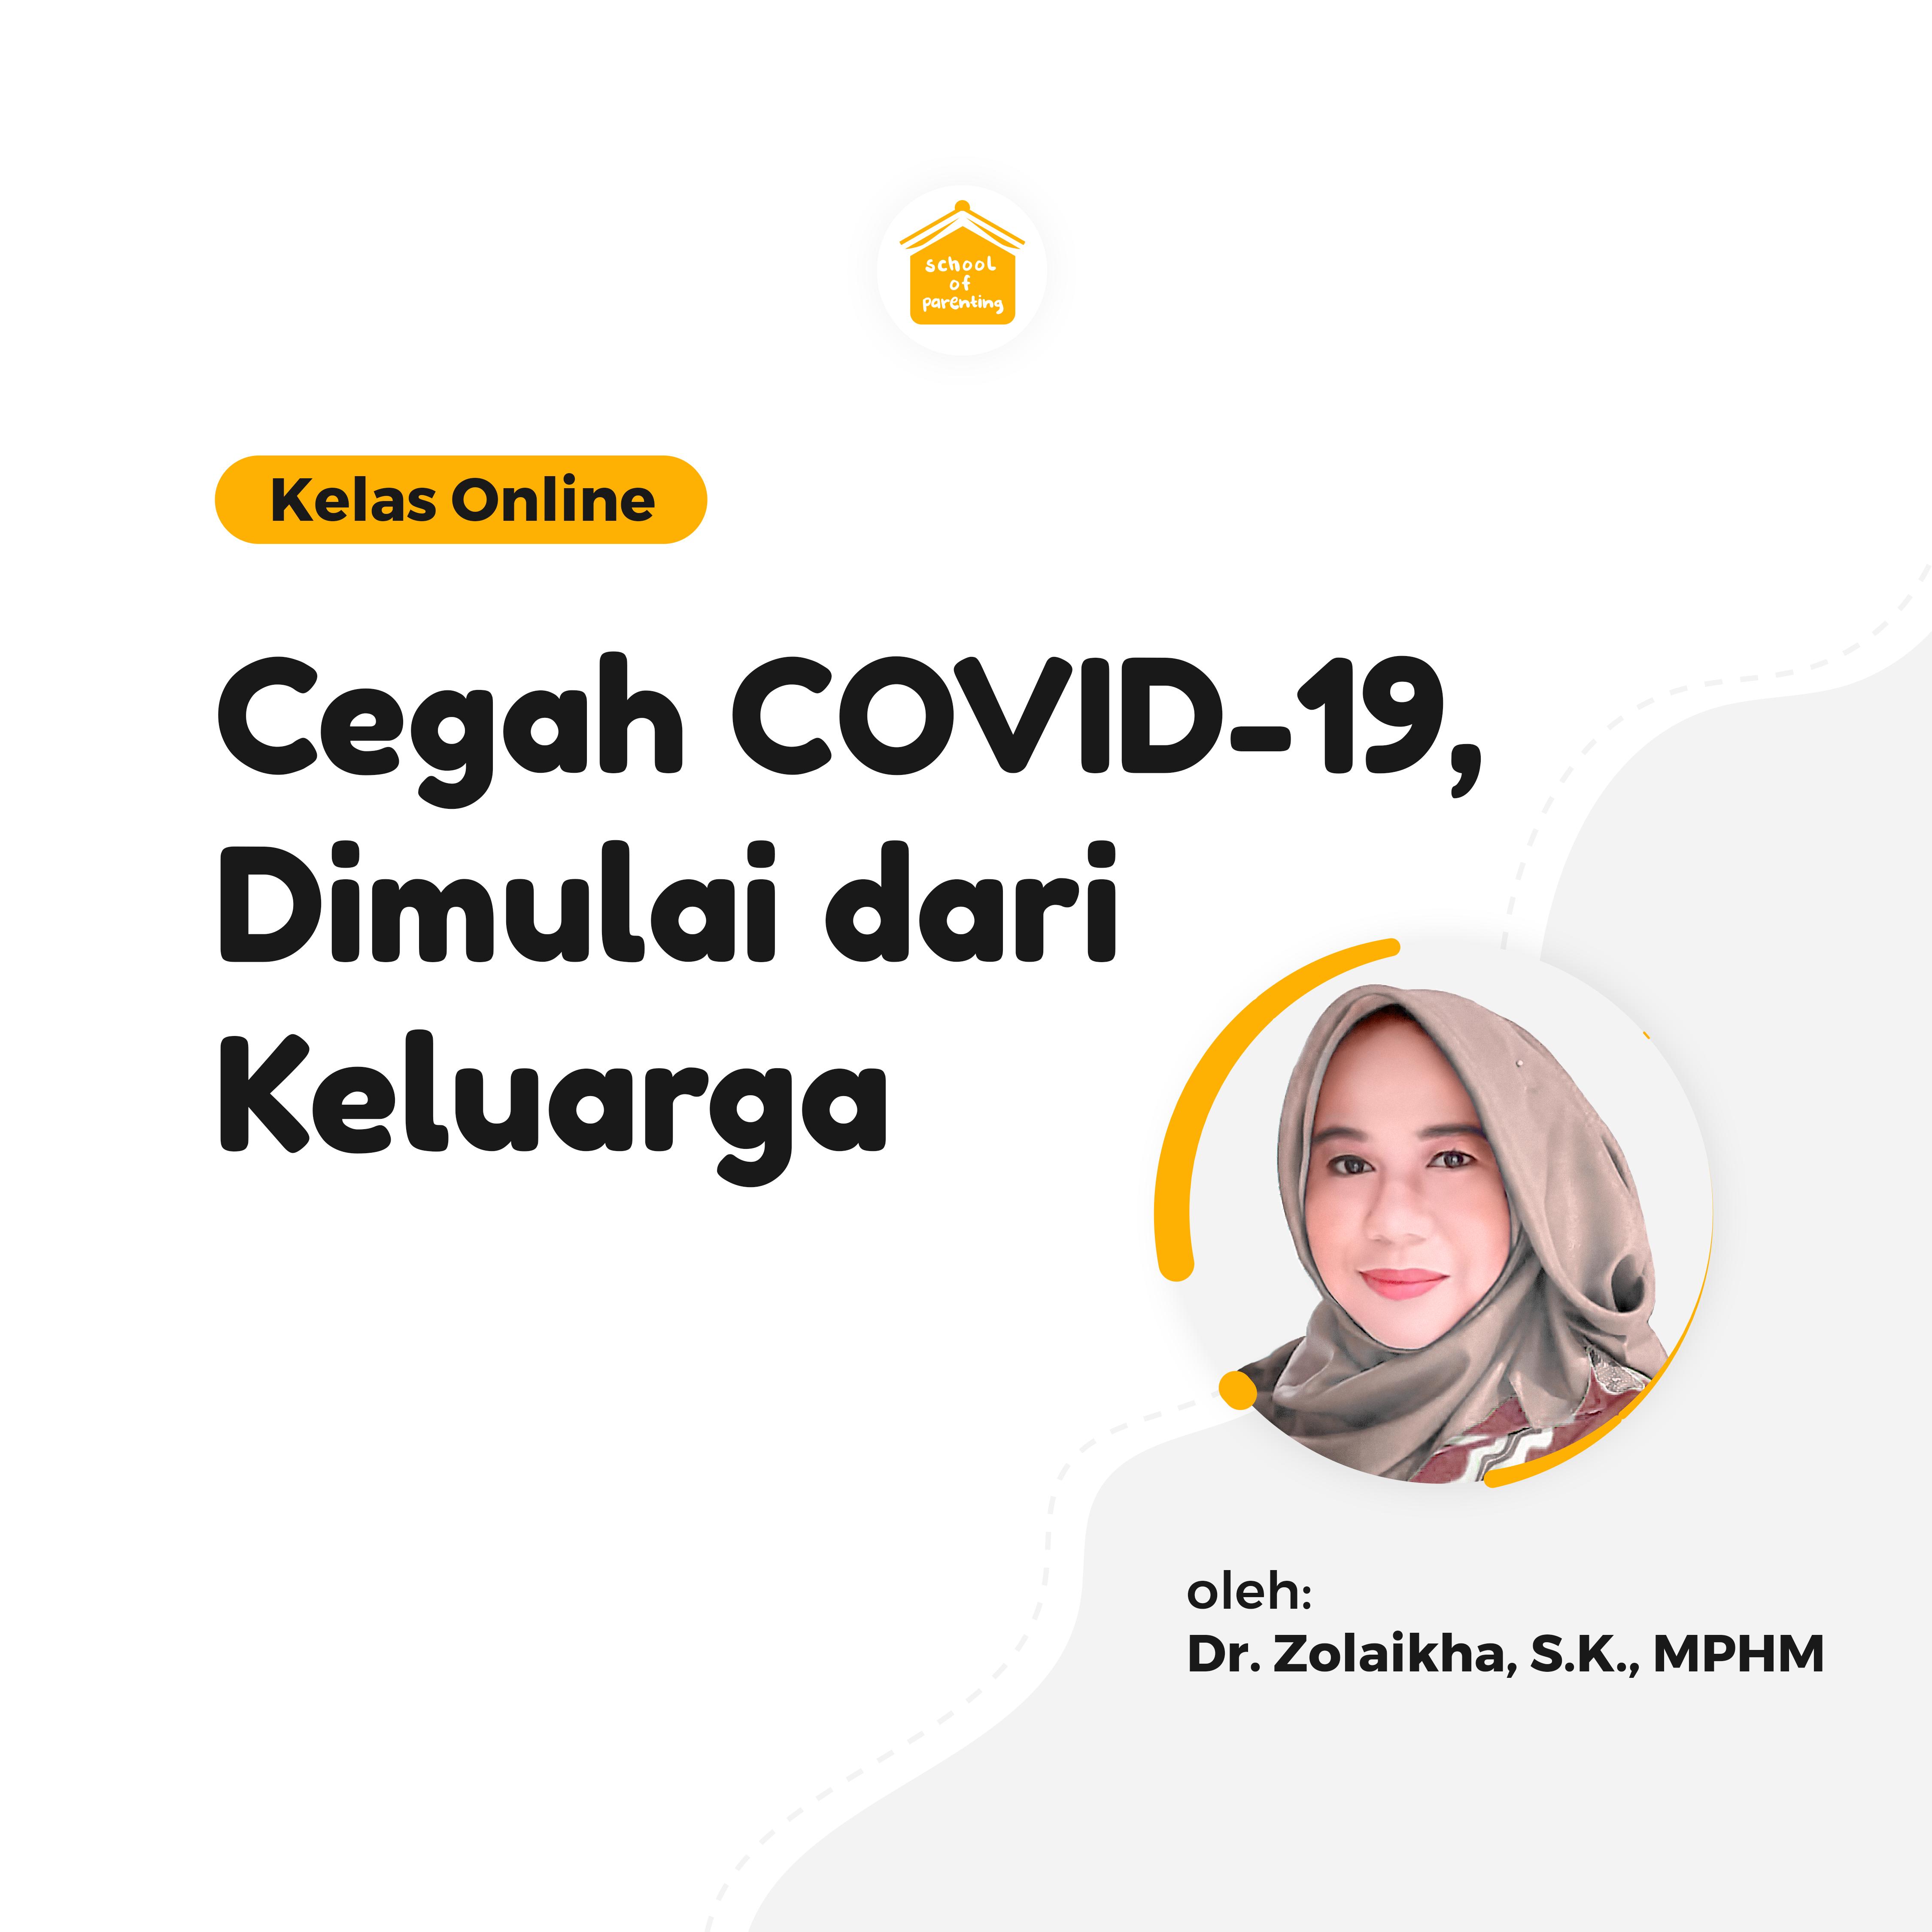 Cegah COVID-19, Dimulai dari Keluarga